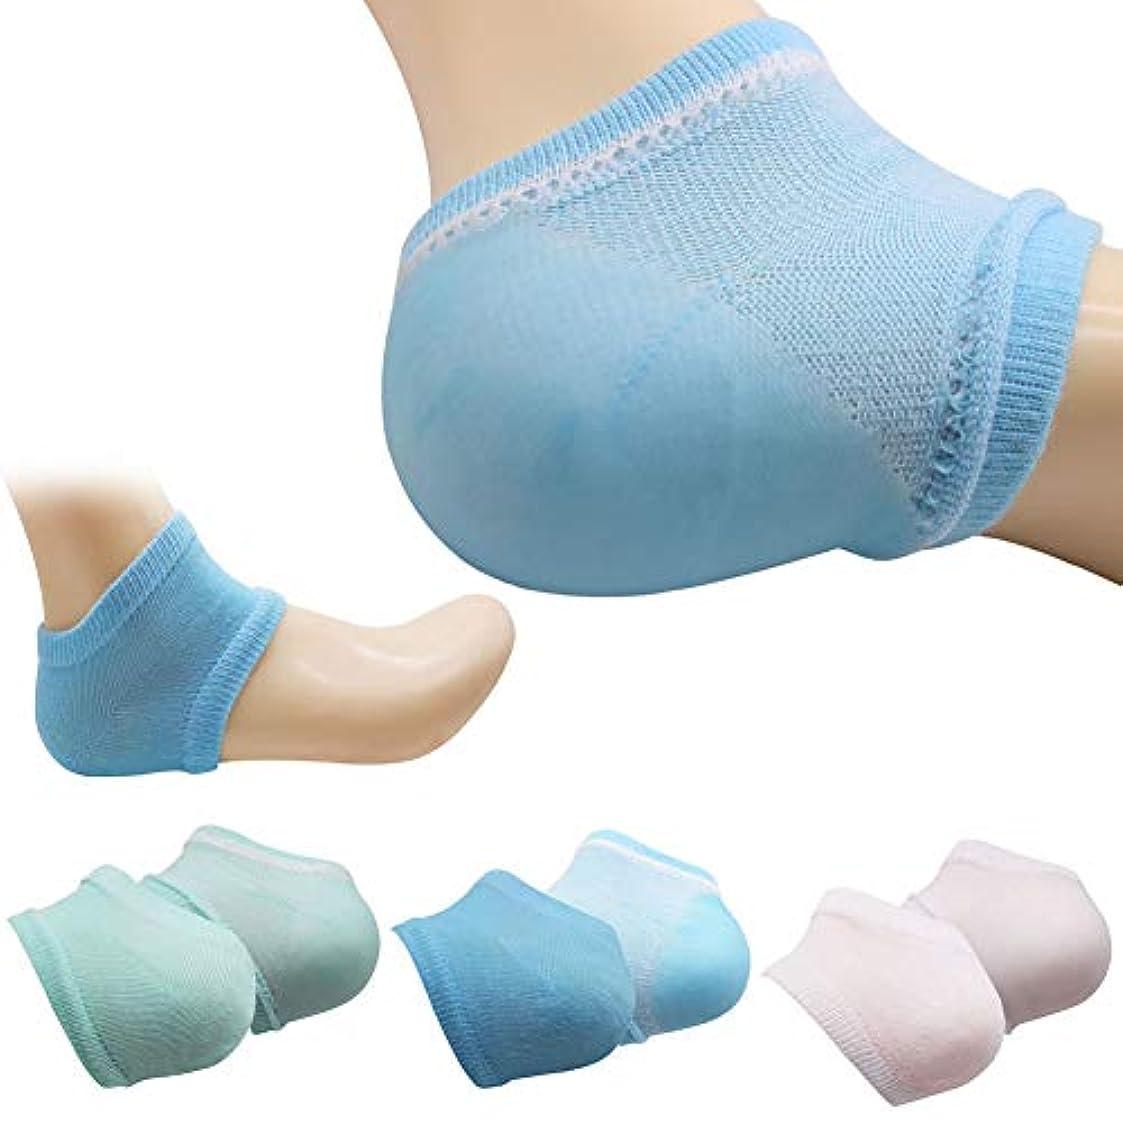 太平洋諸島影響力のあるカプラーK&TIME かかと 保湿ソックス かかと 靴下 ソックス かかとケア 靴下 角質ケア 滑らか スベスベ ツルツル ひび割れ ジェル 靴下 美容 足SPA 足ケア レディース フリーサイズ 3足セット